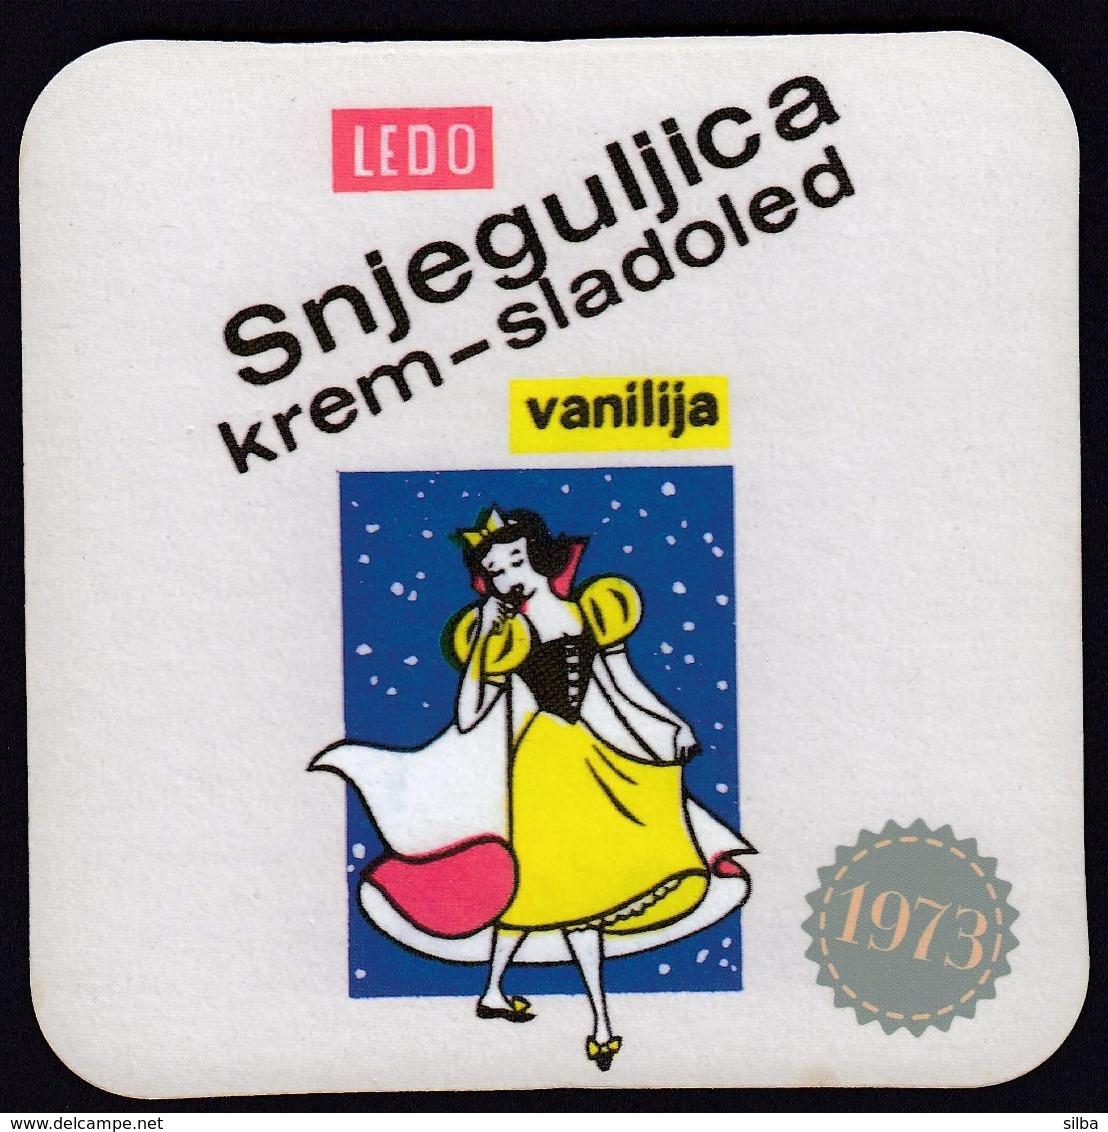 Croatia / LEDO Snow White Ice Cream Vanilla / Mat, Coaster - Otras Colecciones